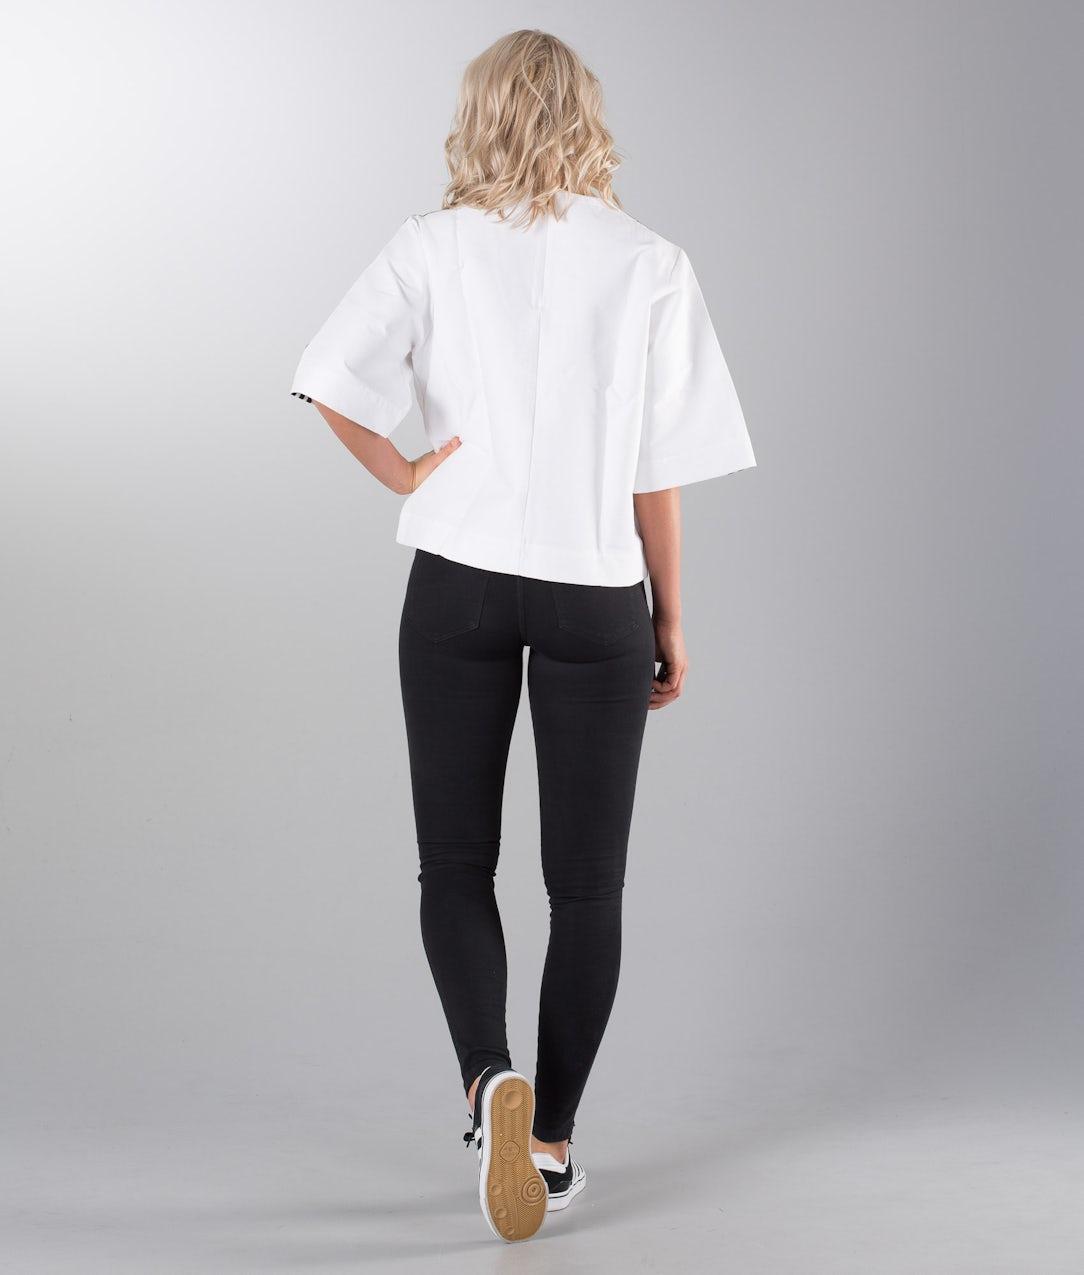 apodo inundar Persona a cargo del juego deportivo  Adidas Originals T-Shirt T-shirt White - Ridestore.com